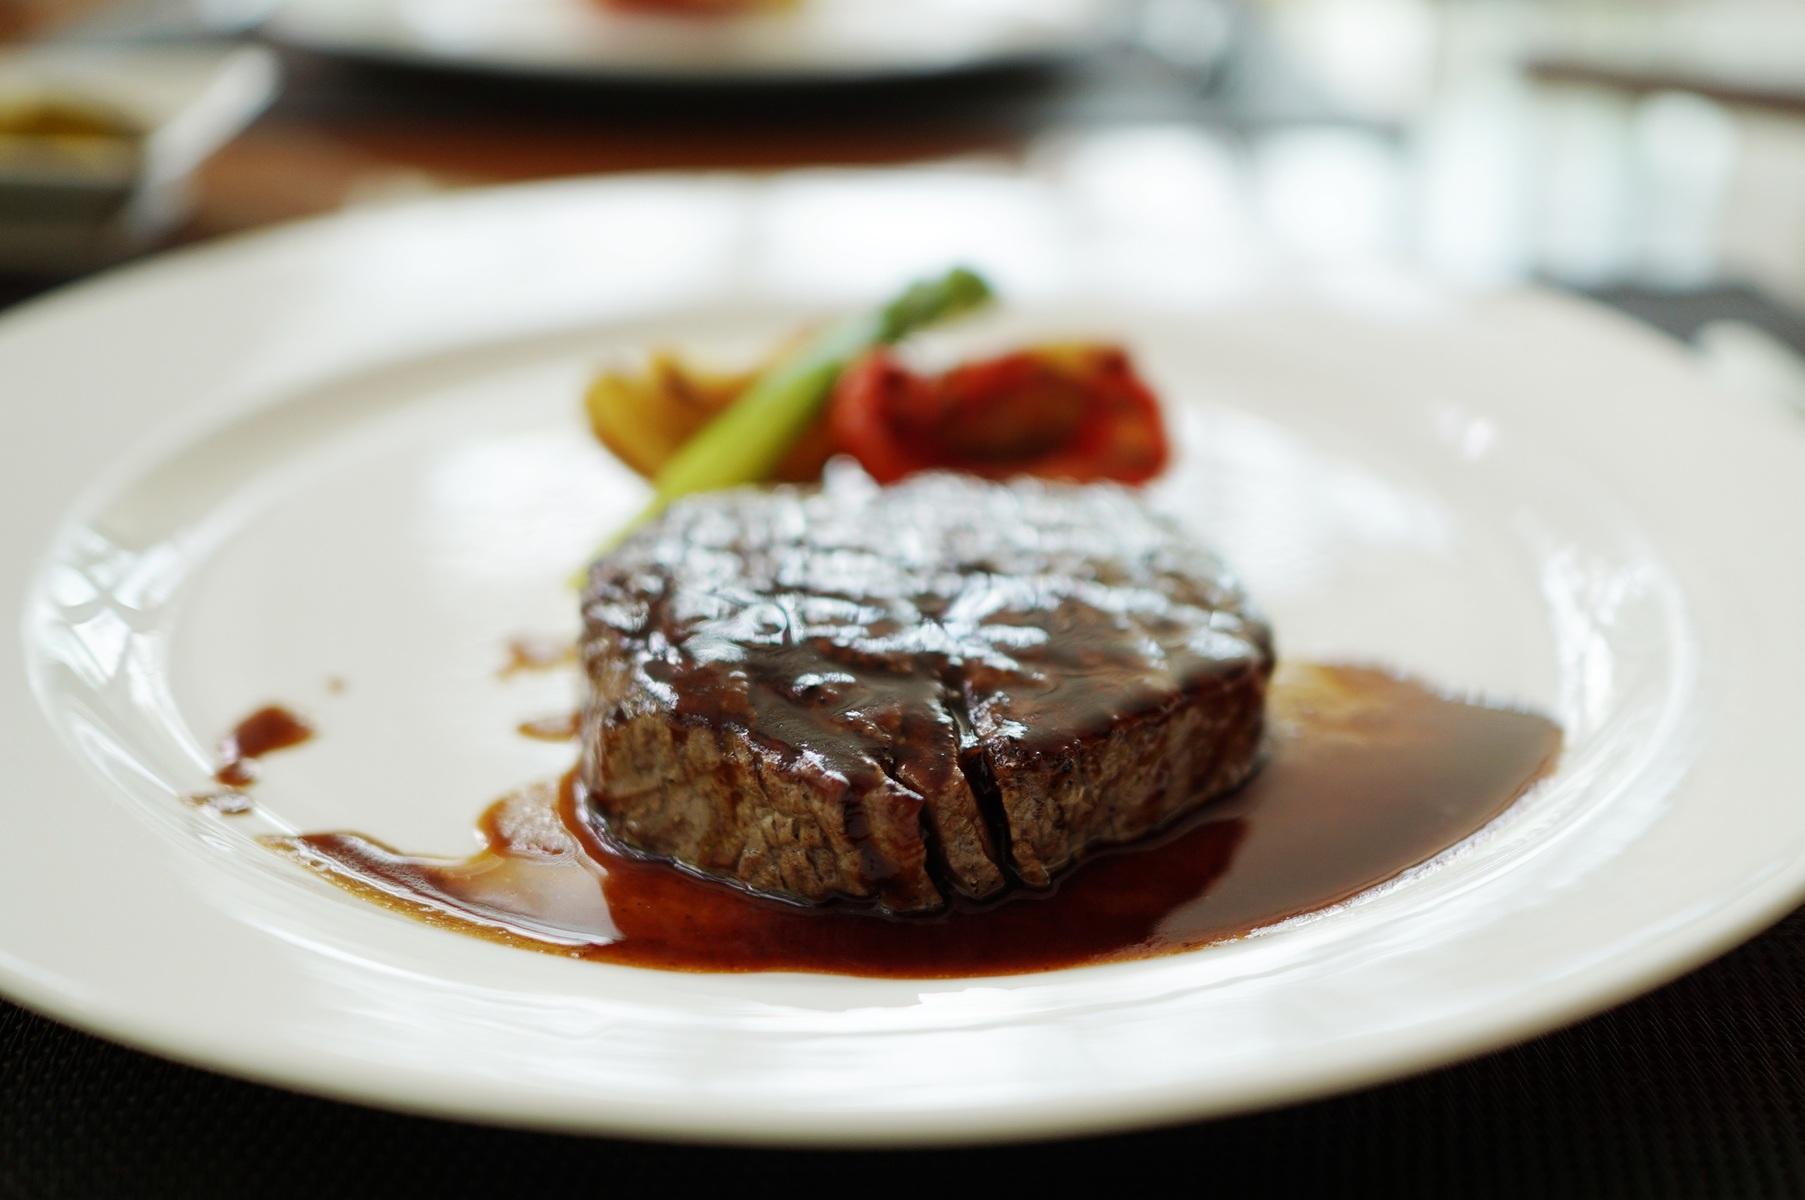 стейк из говядины с соусом